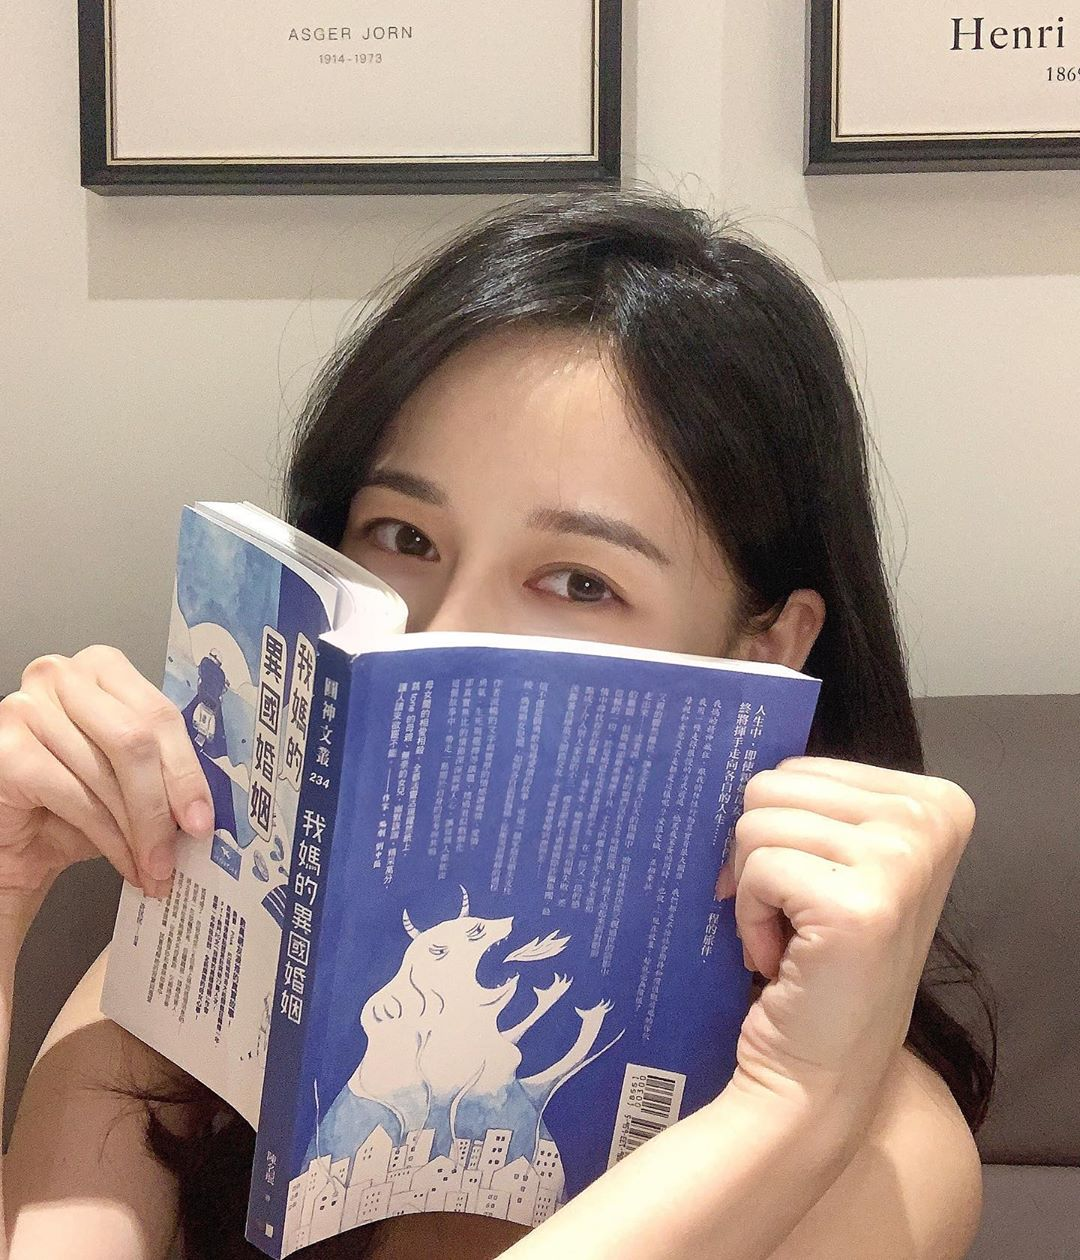 我有時候也不喜歡看書 黃菁 - 美女圖 -